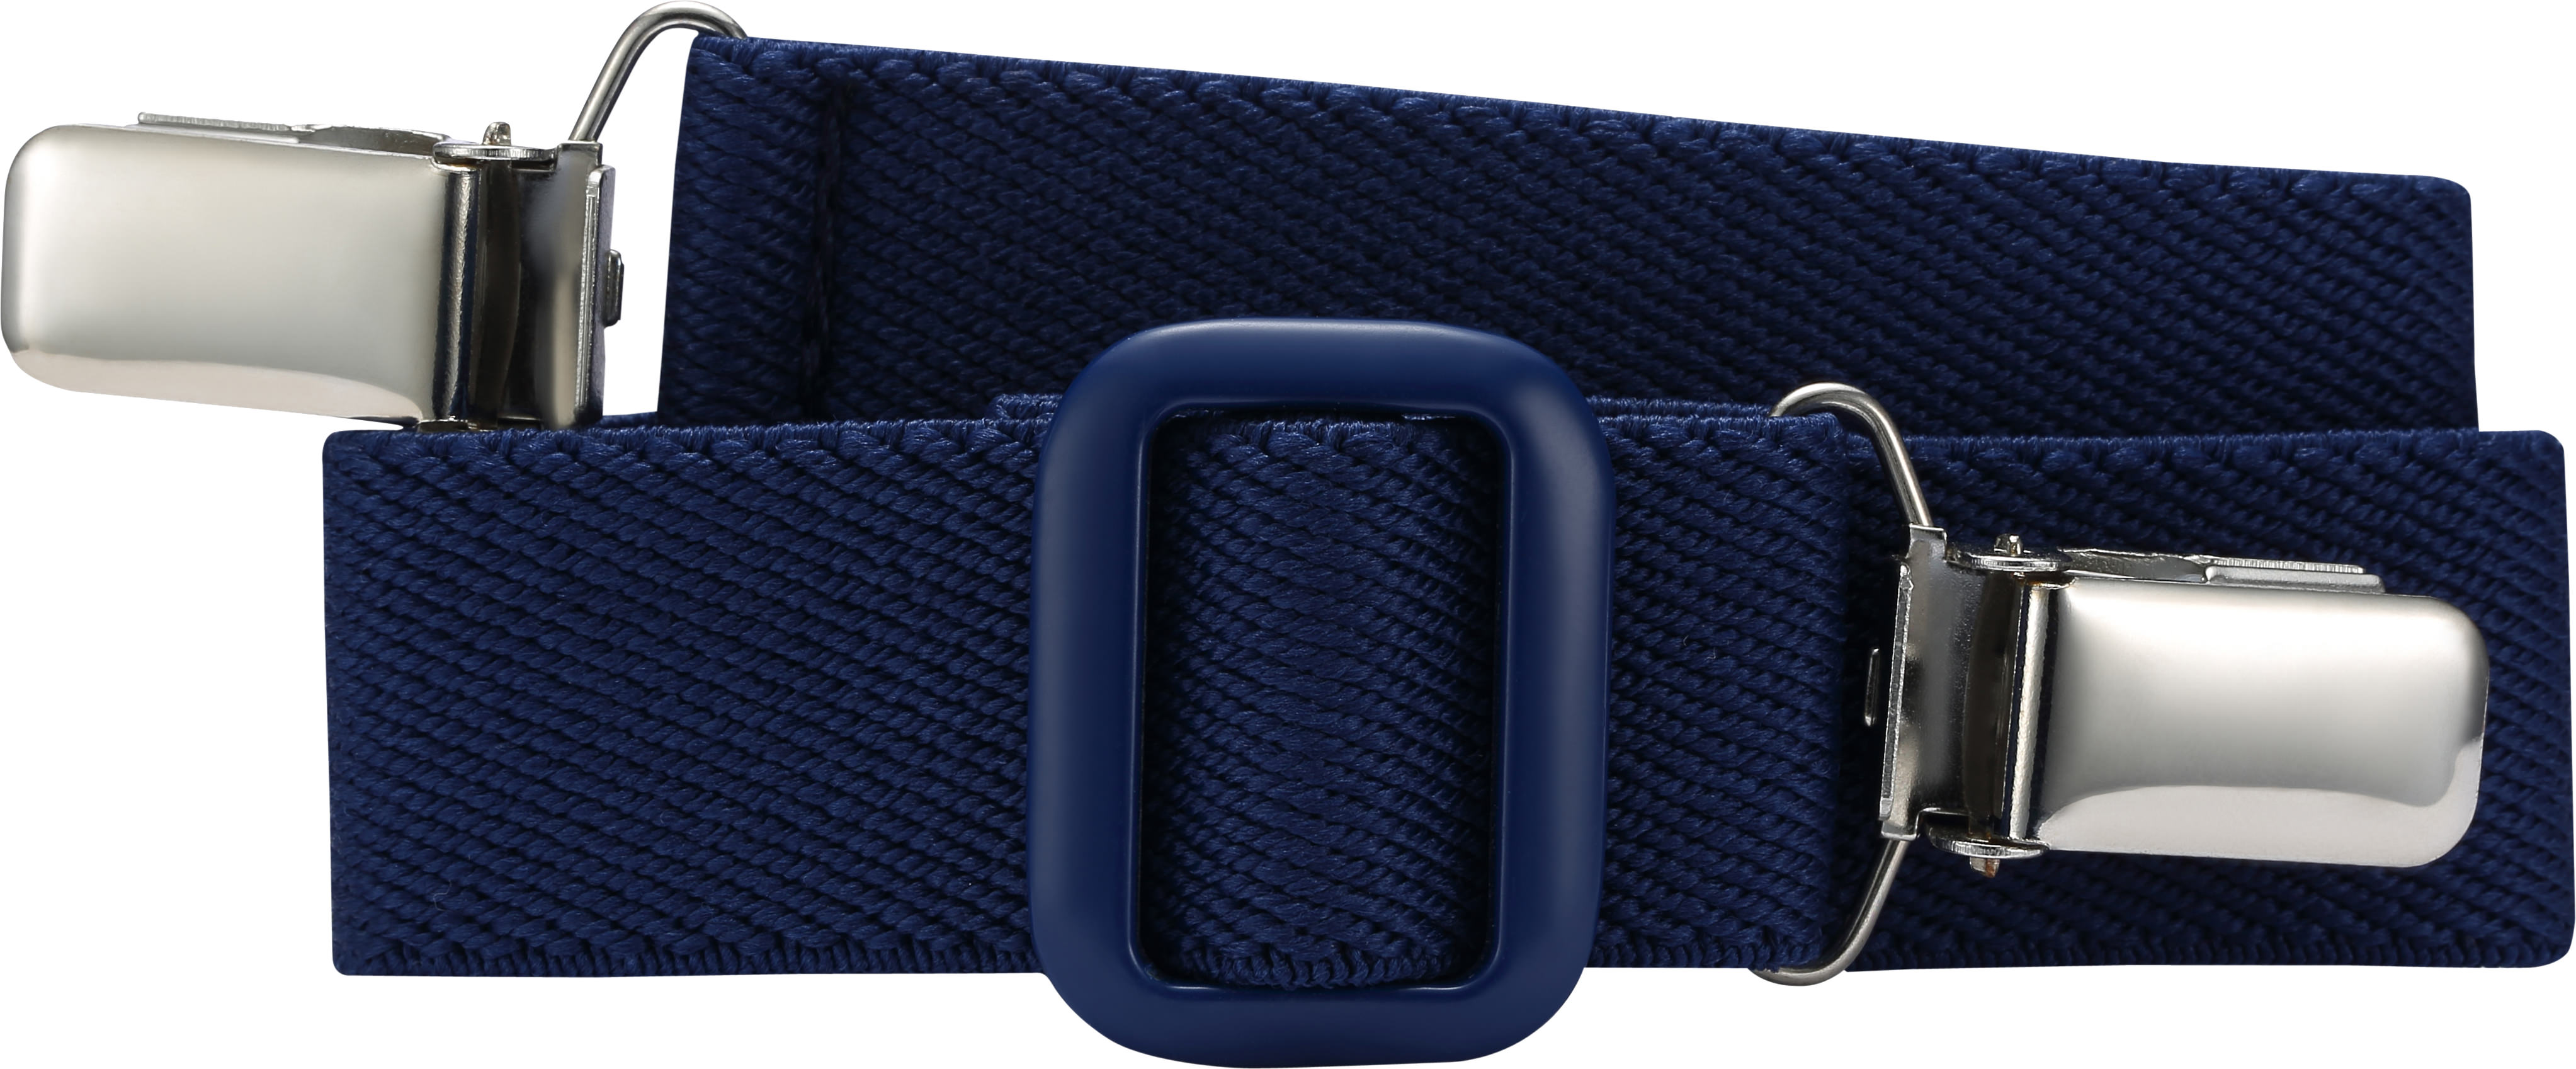 Curea elastica cu clipsuri laterale simple 0